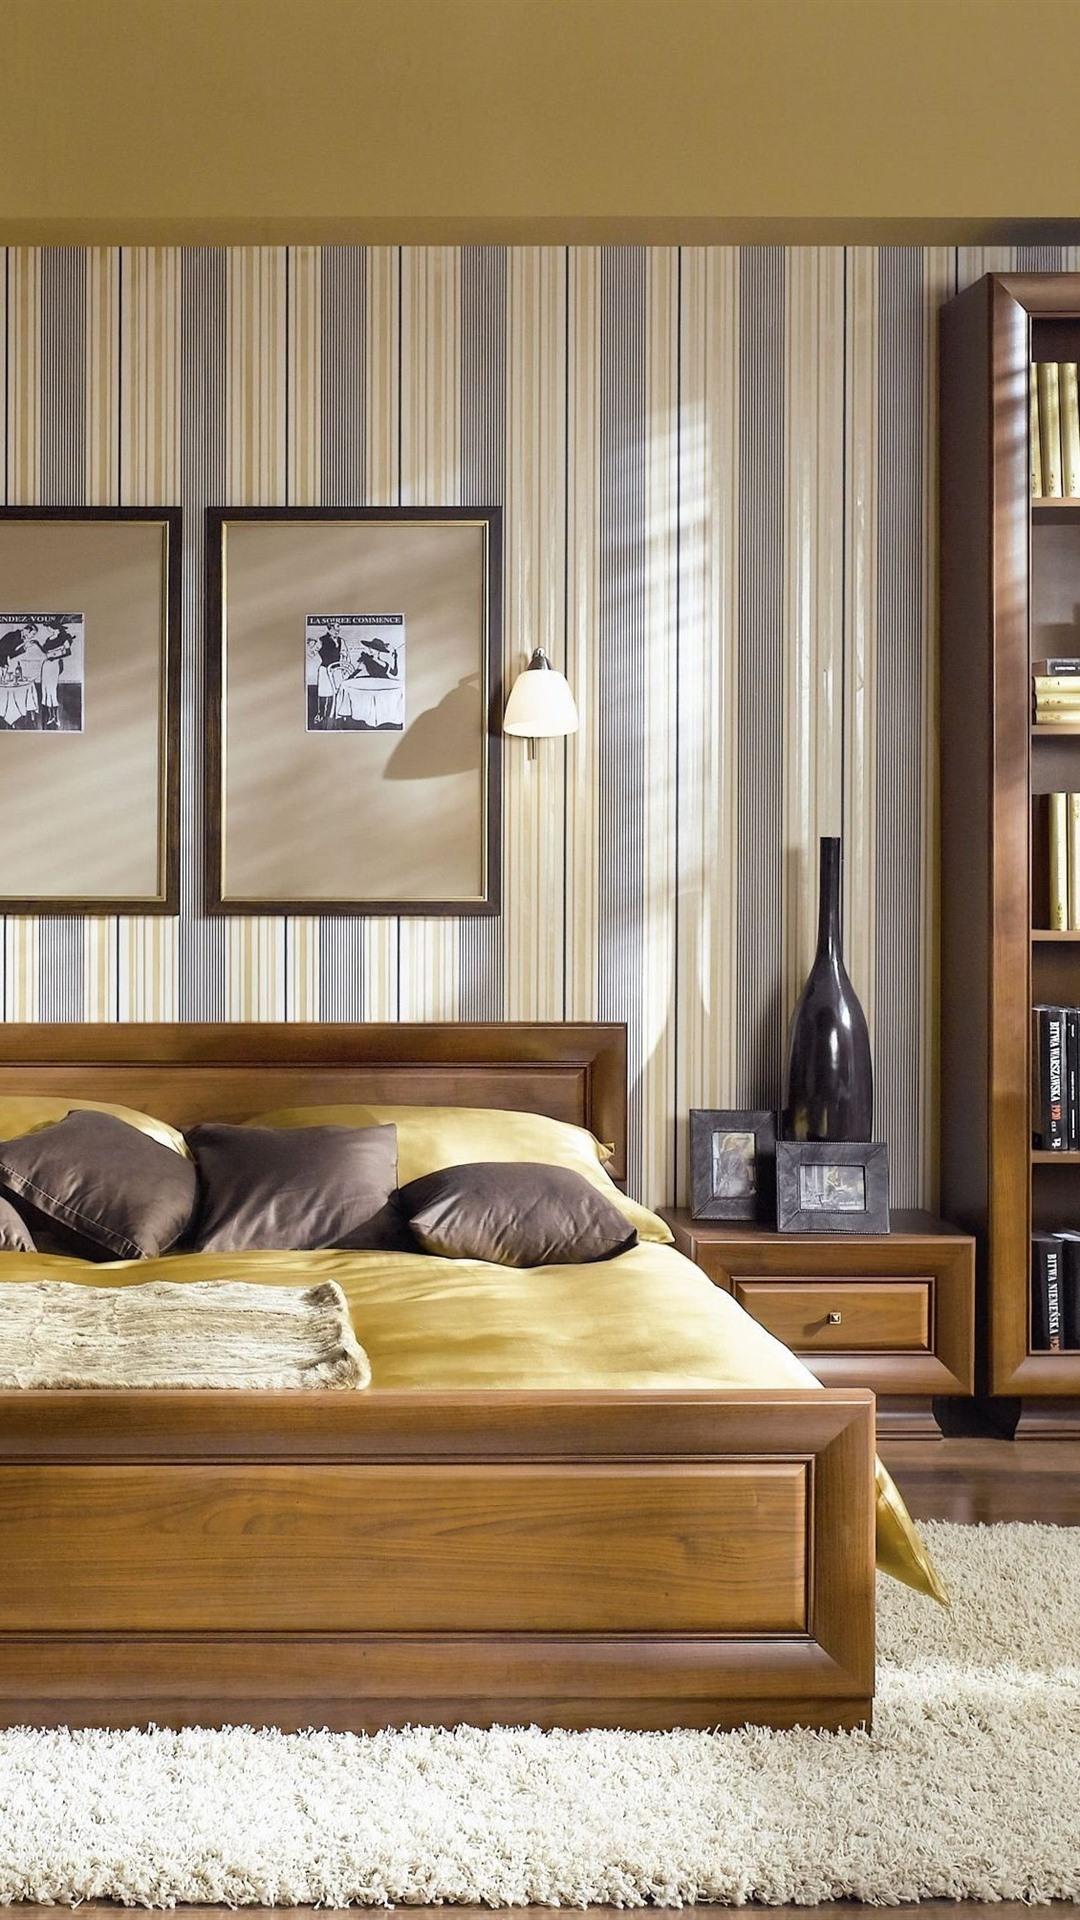 обои спальня кровать интерьер окна 2880x1800 Hd изображение